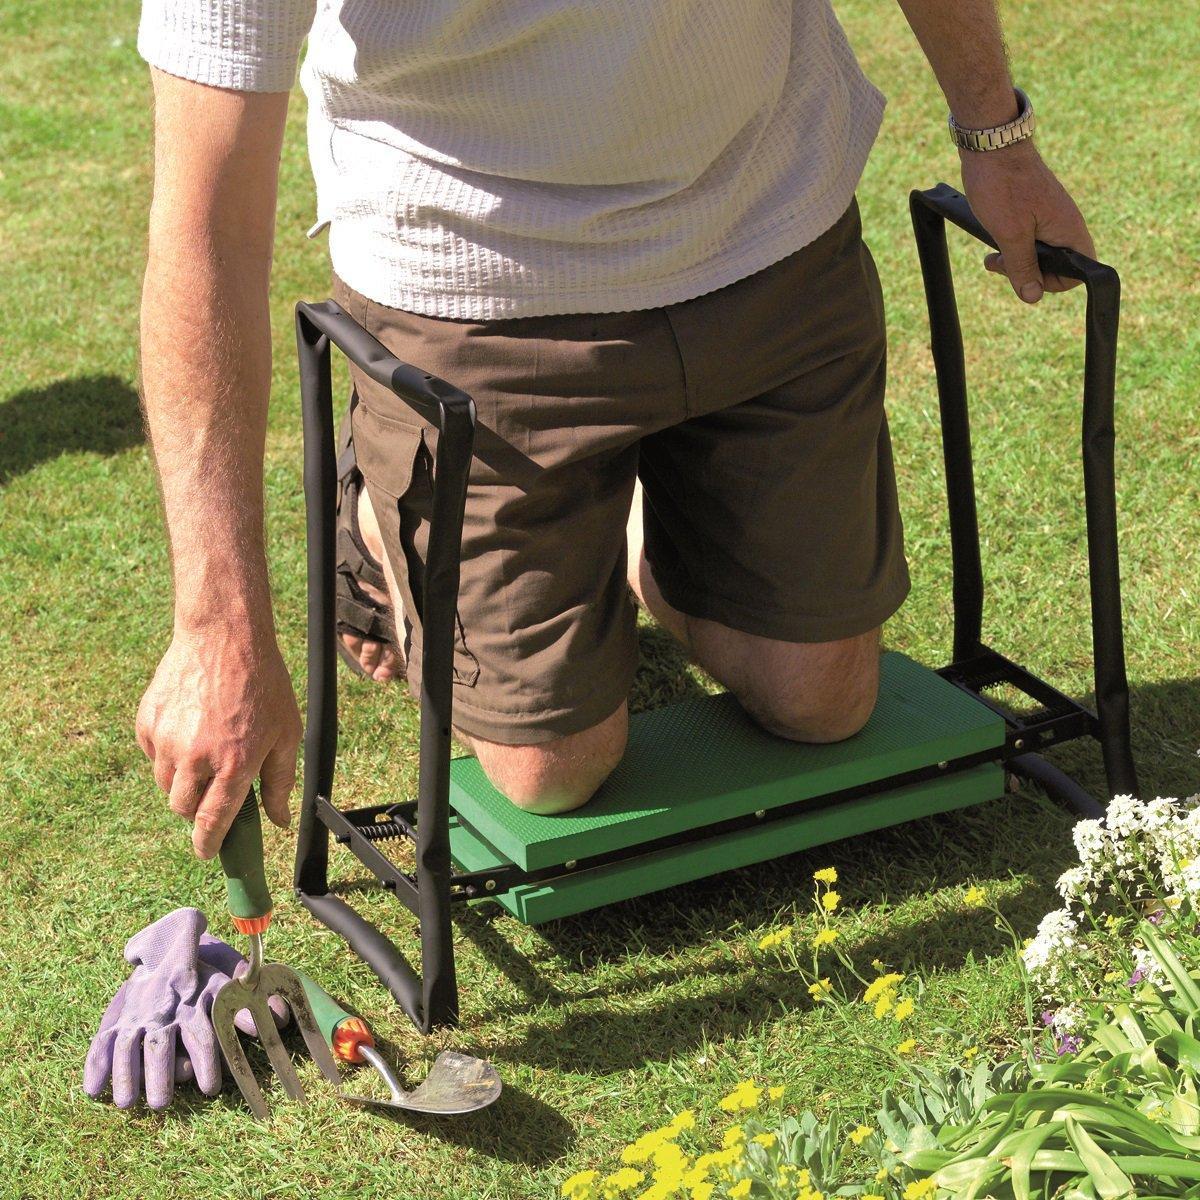 Gardman R616 Fold Away Garden Kneeler and Seat, 22'' Long x 11'' Wide x 19'' High